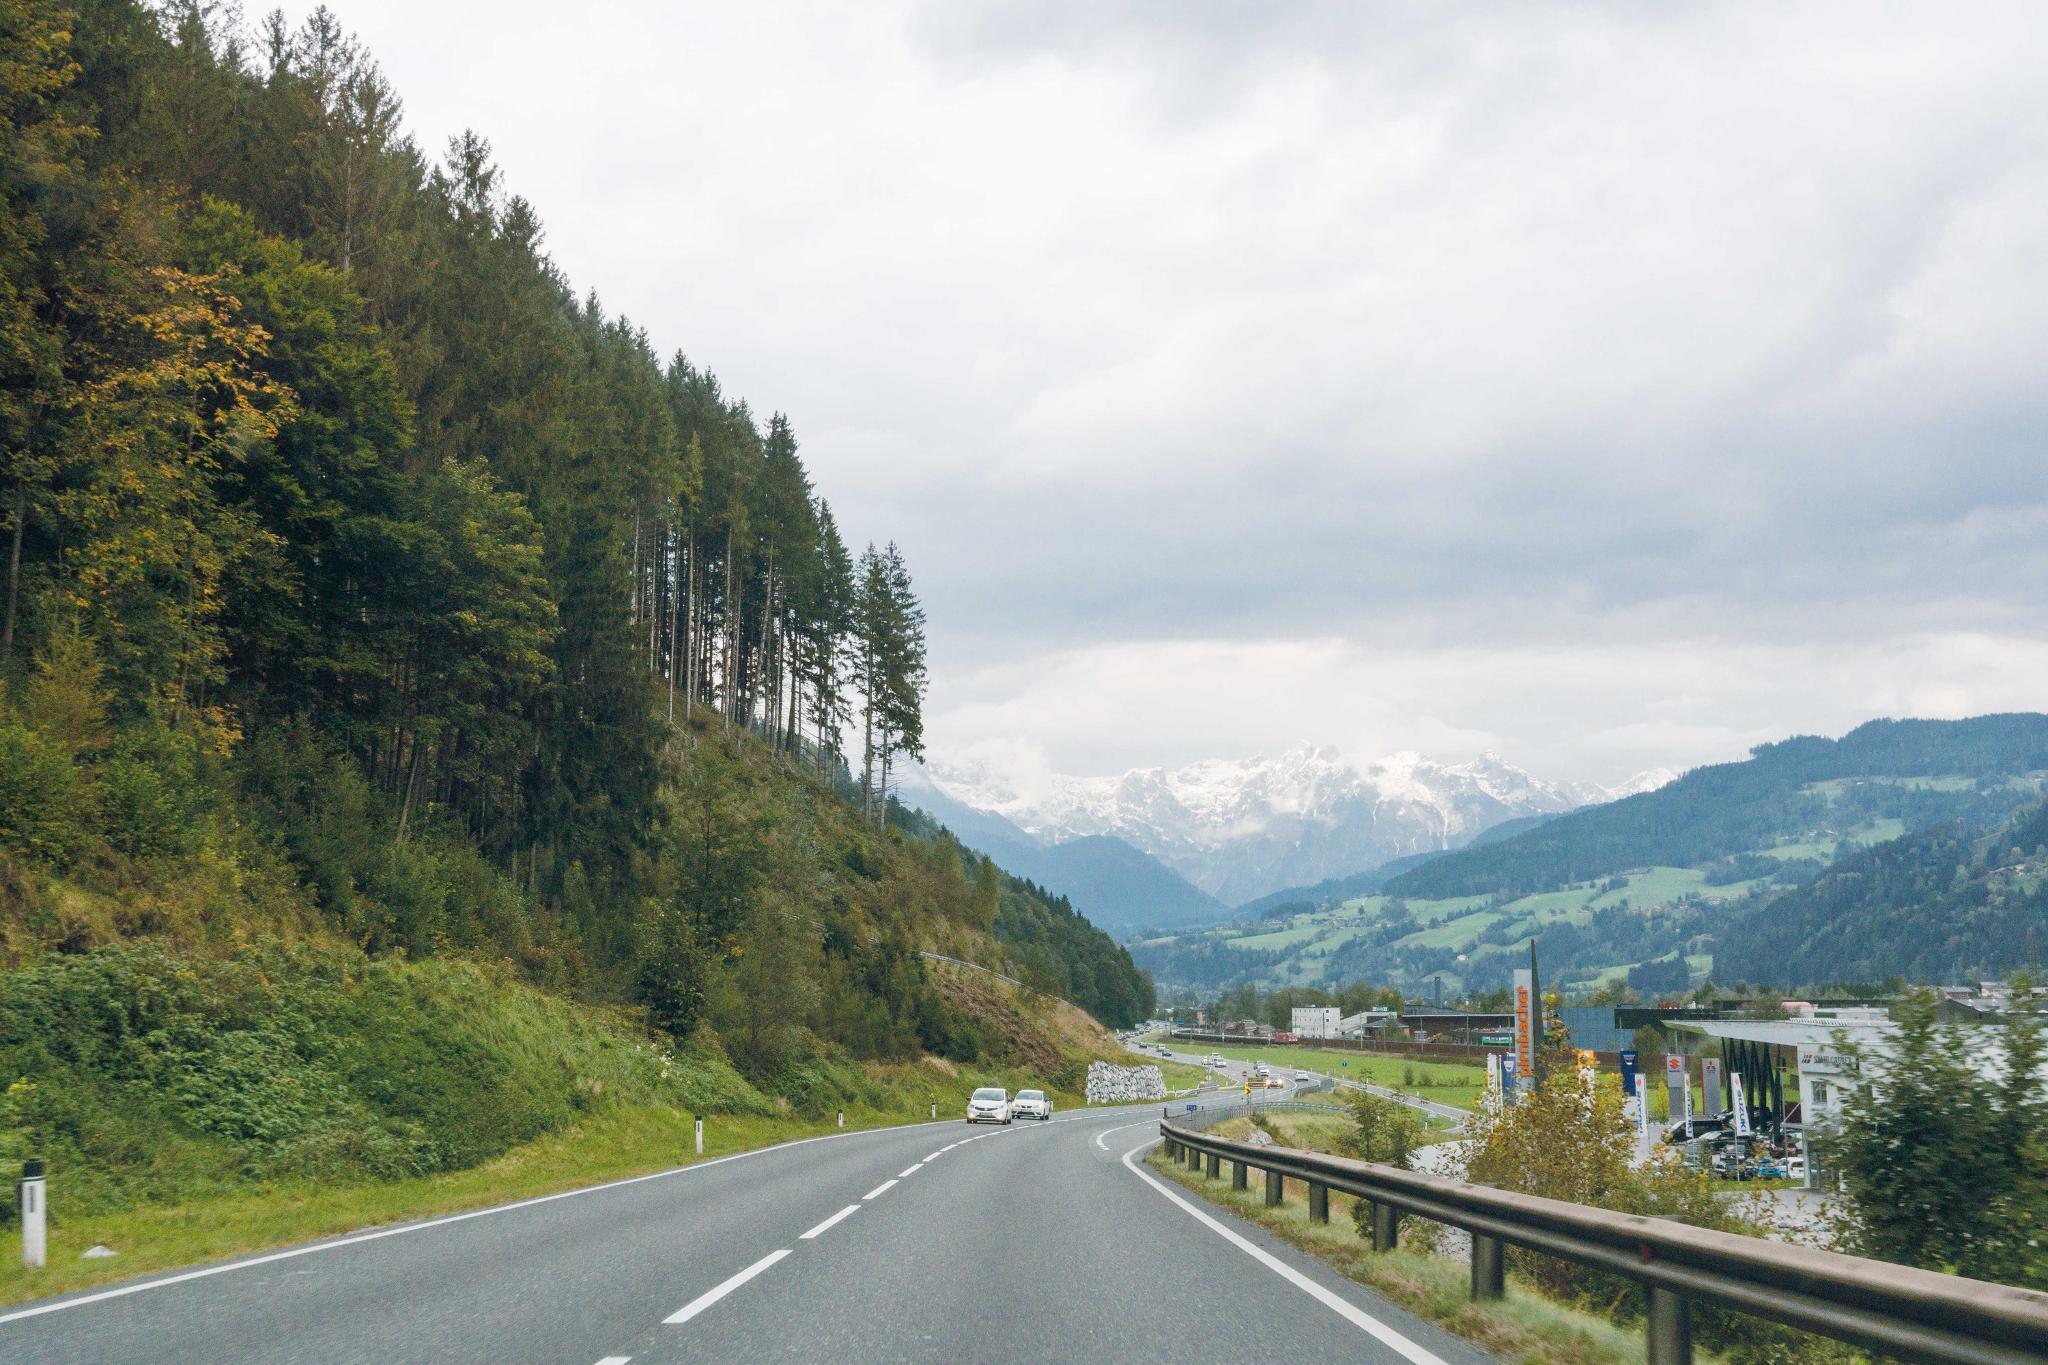 【奧地利】穿越阿爾卑斯之巔 — 奧地利大鐘山冰河公路 (Grossglockner High Alpine Road) 65